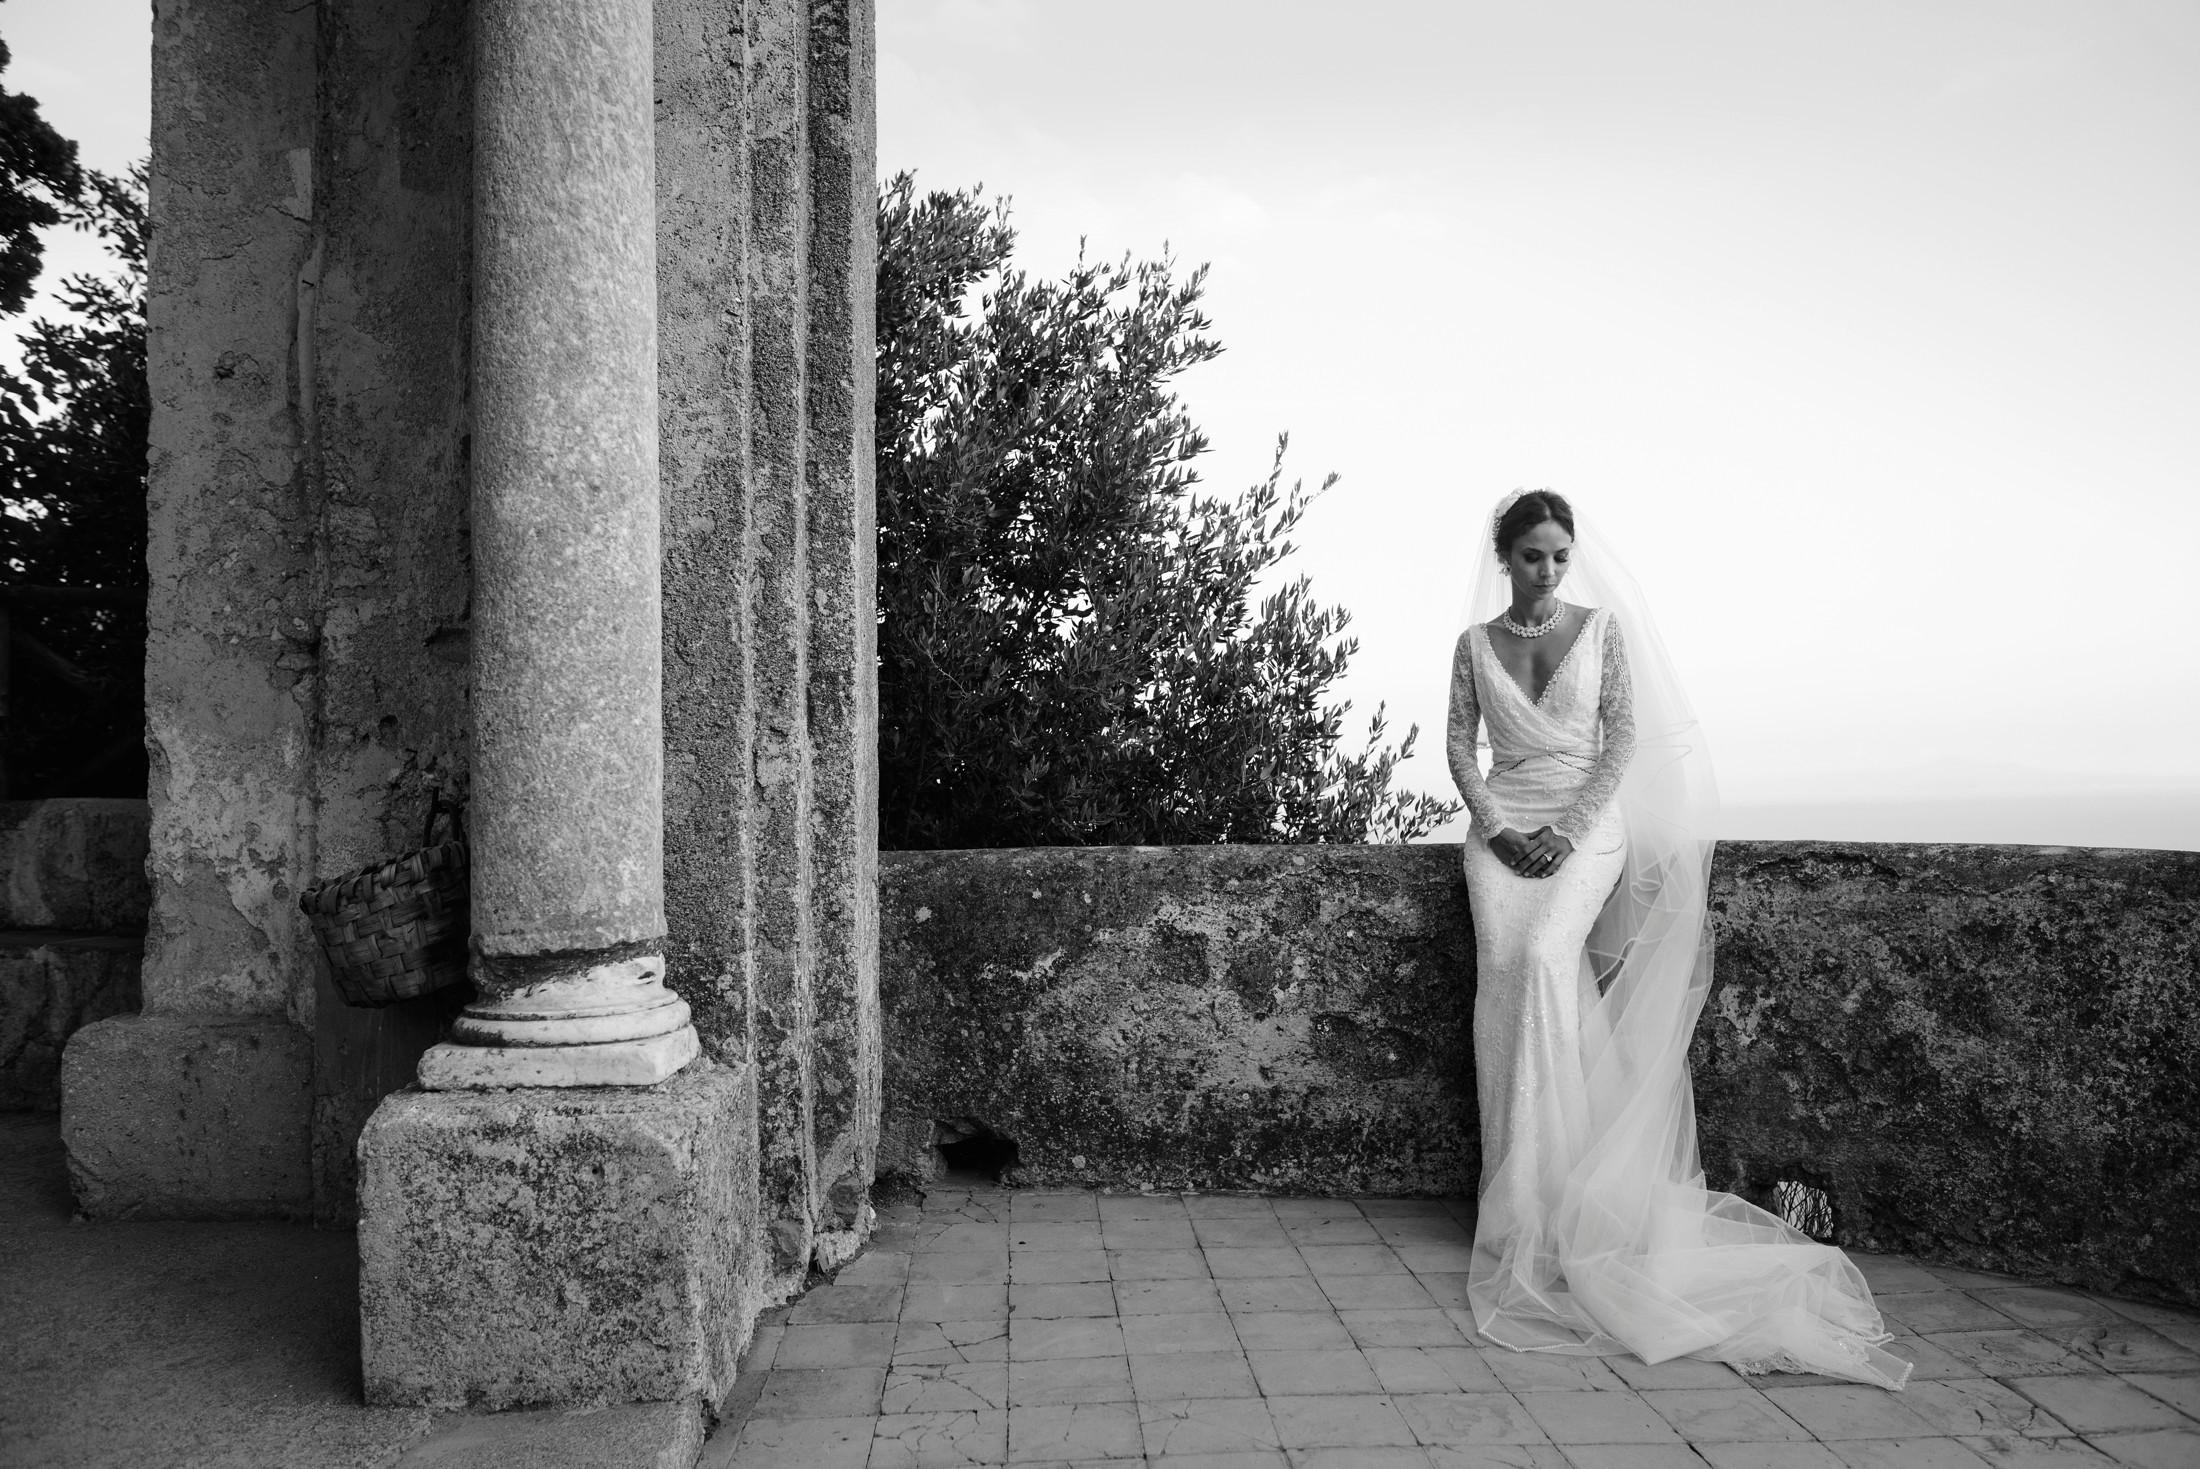 adriana alfano bride's portrait at villa cimbrone ravello italy